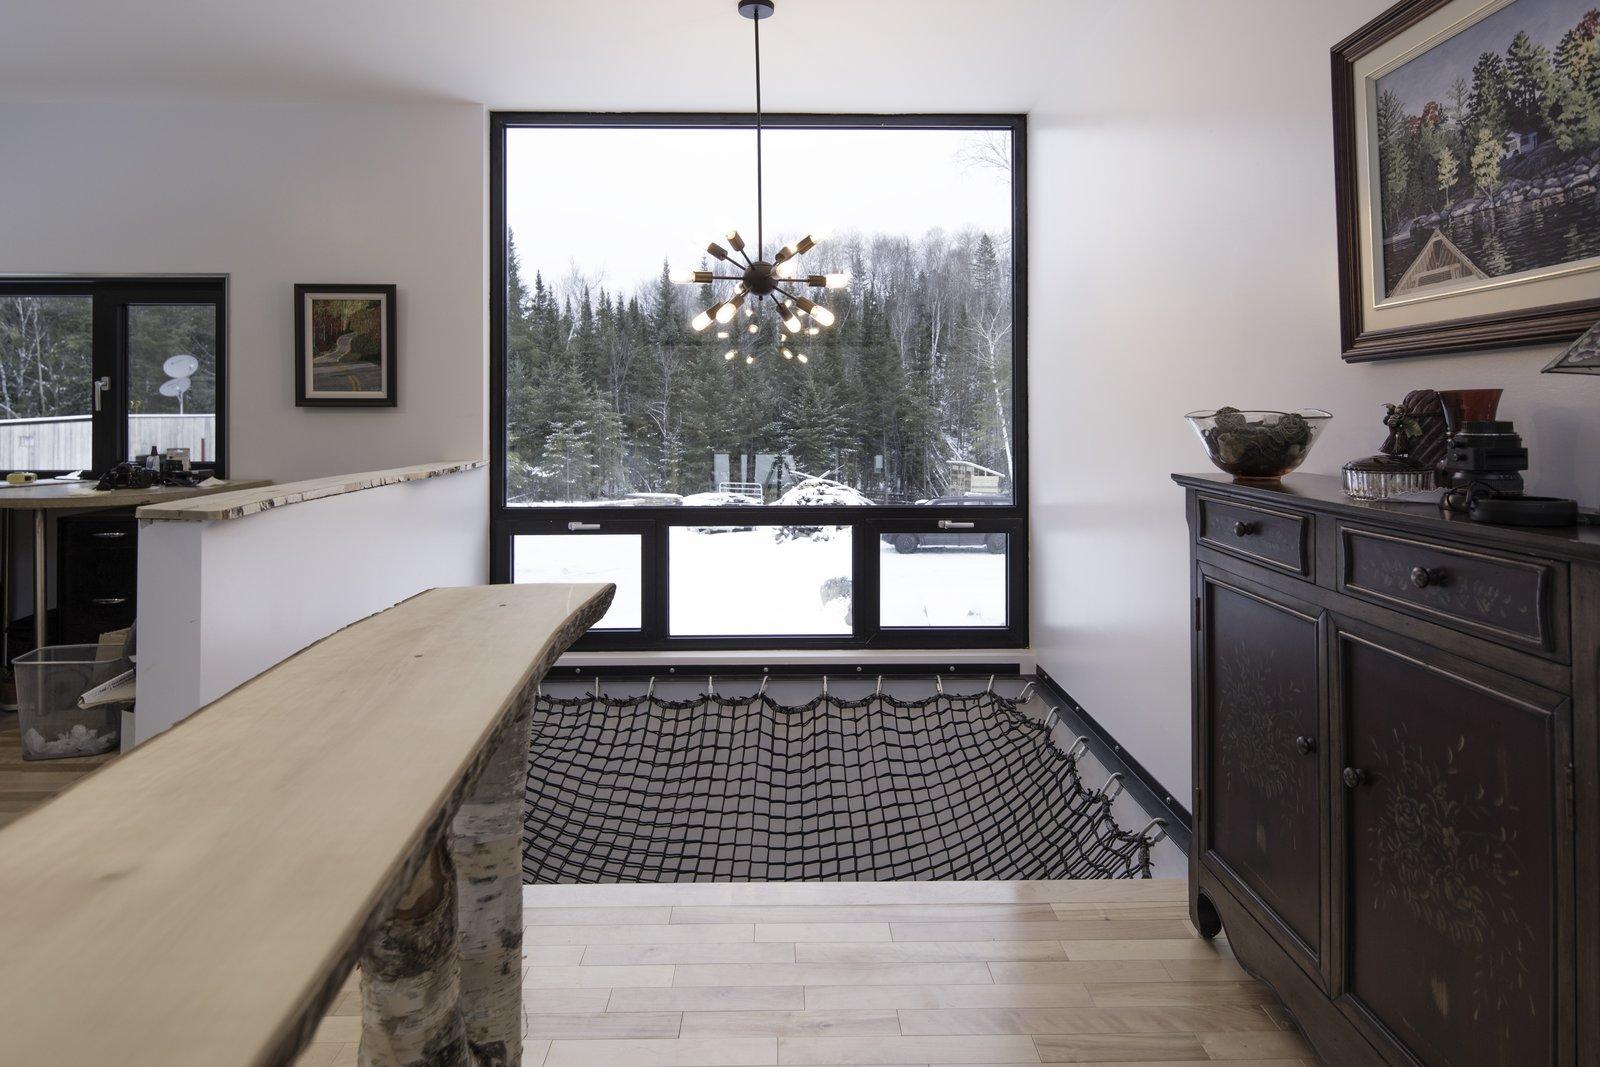 Maison Lac Brûlé suspended net